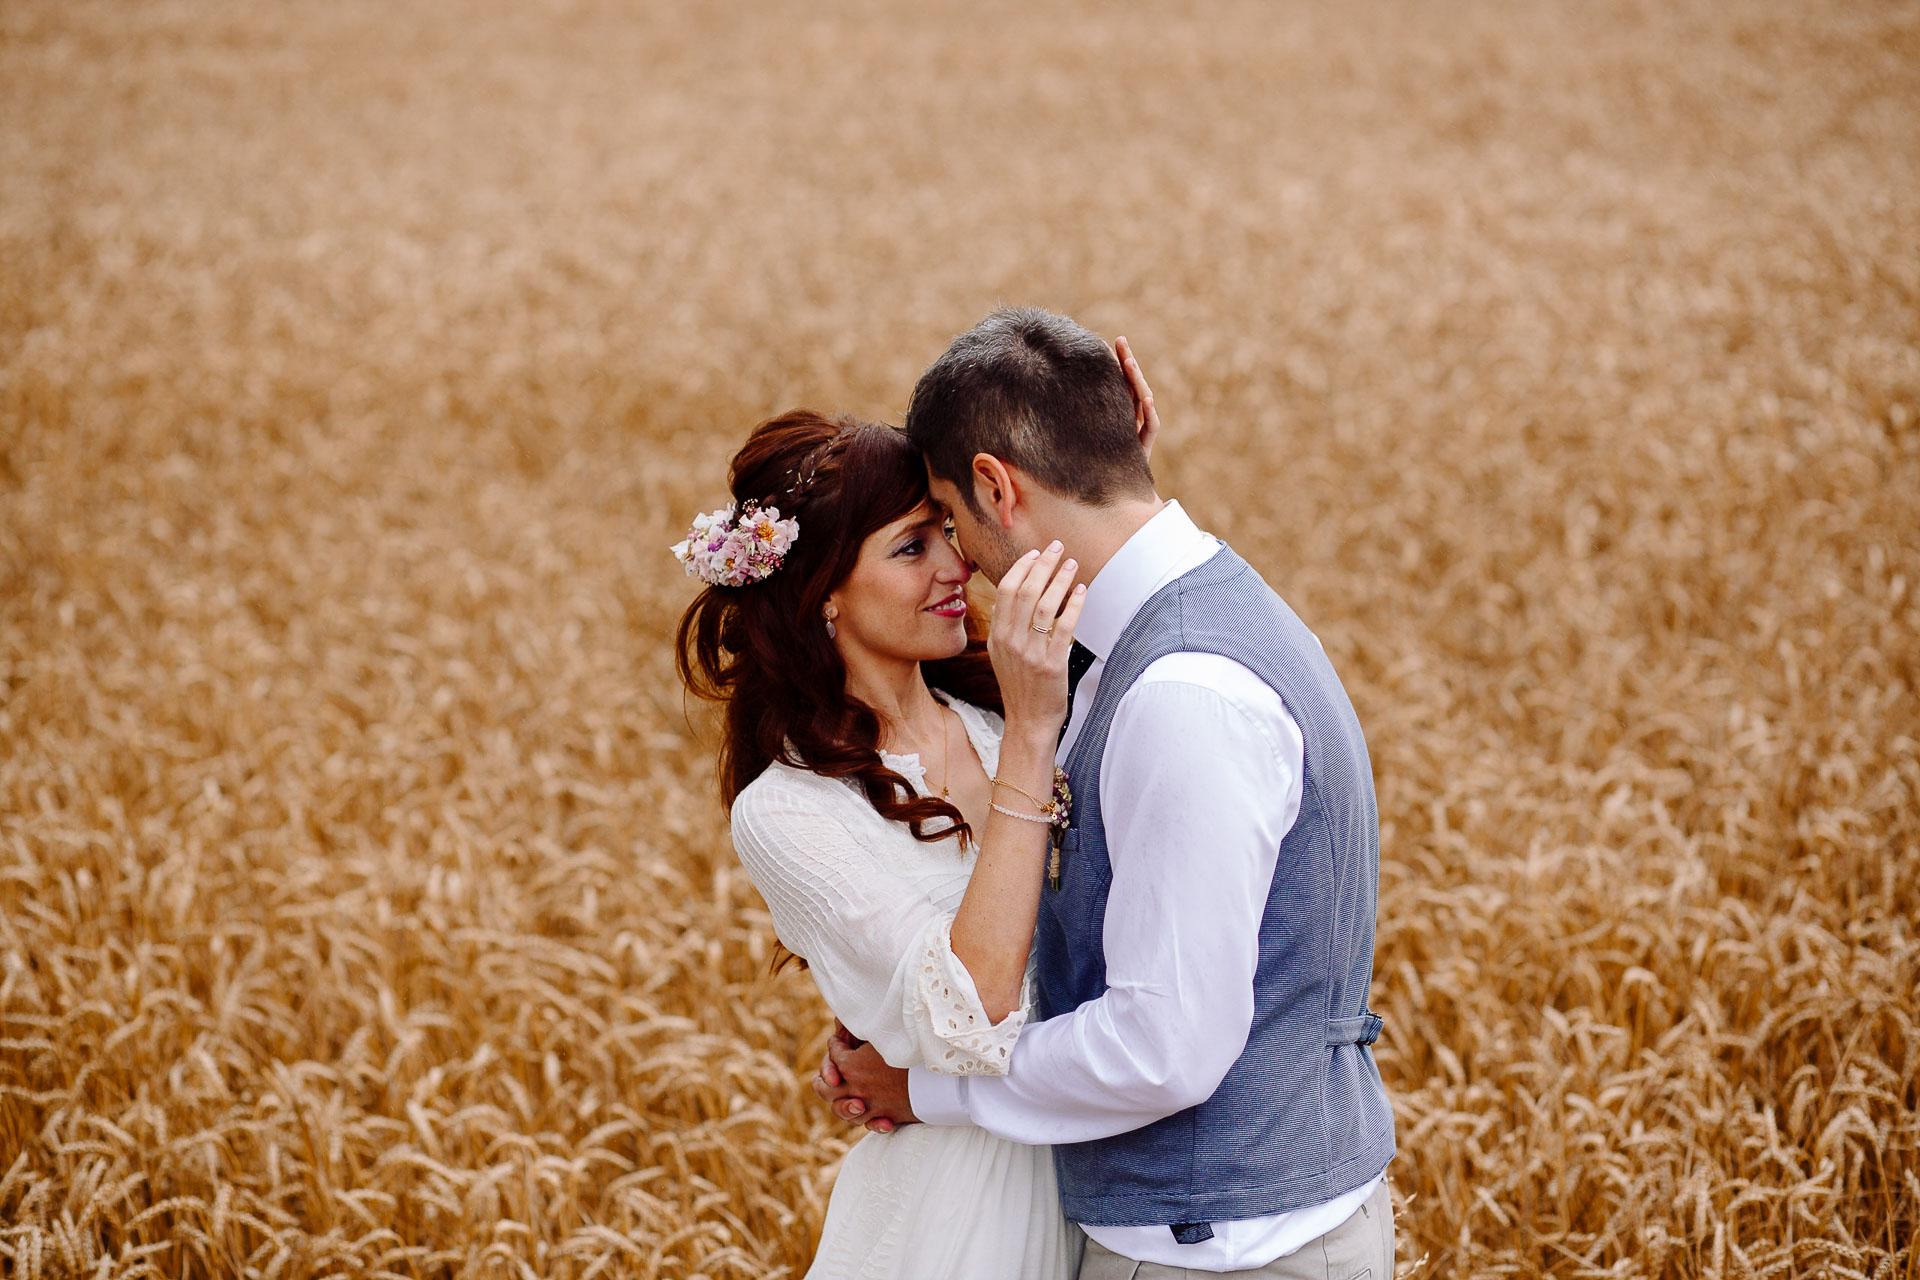 fotografo boda vitoria 144416